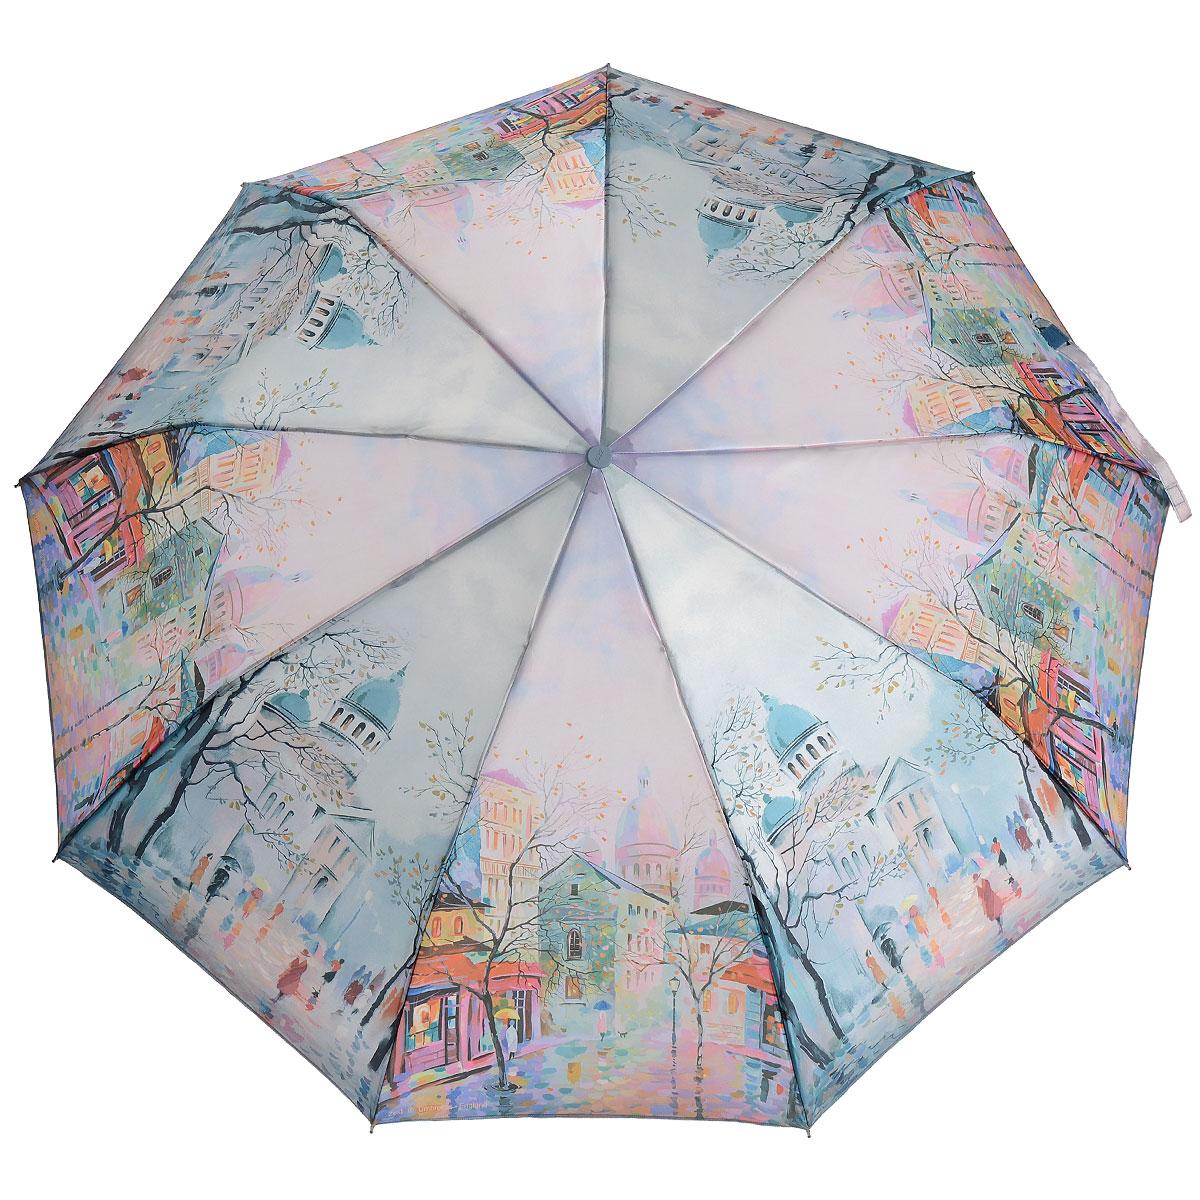 Зонт Zest, автомат, 3 сложения, цвет: розовый, зеленый. 239444-52239444-52Стильный автоматический зонт Zest в 3 сложения, даже в ненастную погоду позволит Вам оставаться стильной и элегантной. Детали каркаса изготовлены из высокопрочных материалов с покрытием, исключающим коррозию. Рукоятка разработана с учетом требований эргономики и выполнена из пластика. Зонт имеет полный автоматический механизм сложения: купол открывается и закрывается нажатием кнопки на рукоятке, стержень складывается вручную до характерного щелчка, благодаря чему открыть и закрыть зонт можно одной рукой, что чрезвычайно удобно при входе в транспорт или помещение. Специальная система защищает зонт от поломок при сильном ветре. Купол зонта выполнен из прочного полиэстера розового и зеленого цветов и оформлен оригинальным рисунком. Стойкие красители и пропитка ткани купола обеспечивают длительное сохранение свойств зонта. На рукоятке для удобства есть небольшой шнурок, позволяющий надеть зонт на руку тогда, когда это будет необходимо. Компактные размеры...